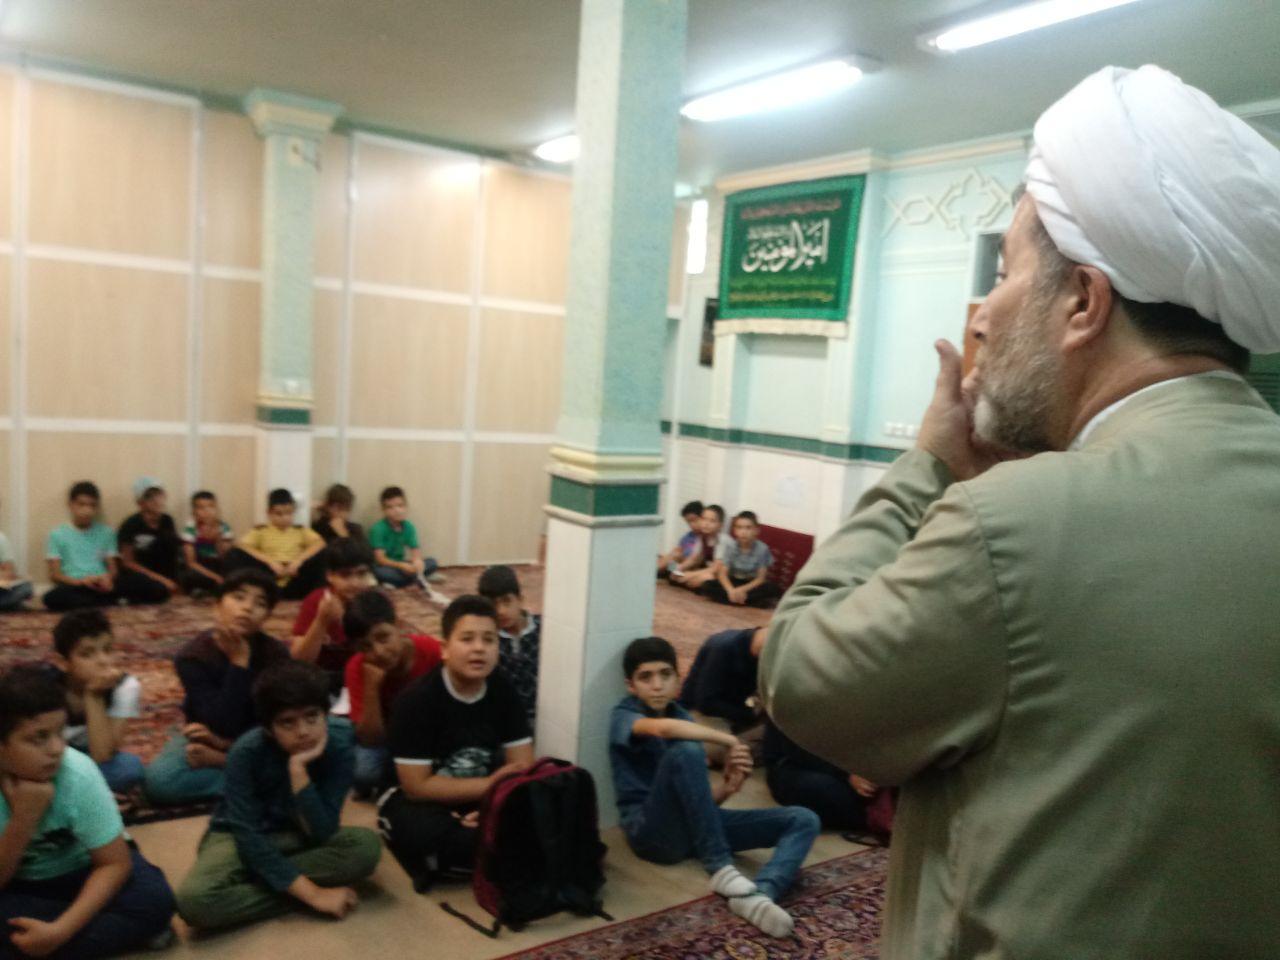 کلاس آموزش عملی وضو برای نوجوانان